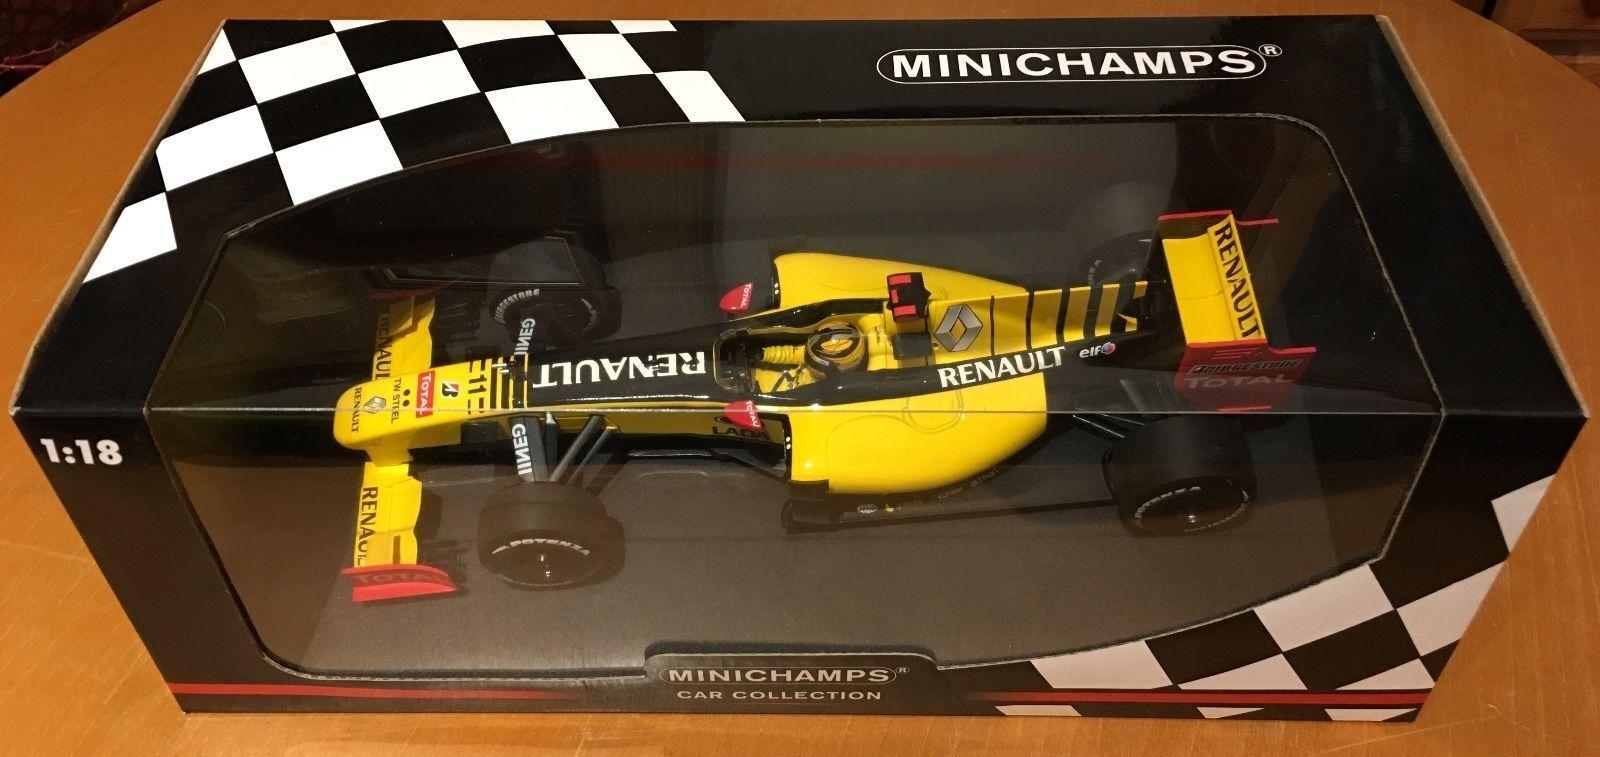 entrega rápida 1 18 Minichamps Renault F1 R30 2010 ShowCoche-Robert Kubica-Nuevo Y Y Y Rara  hasta un 60% de descuento